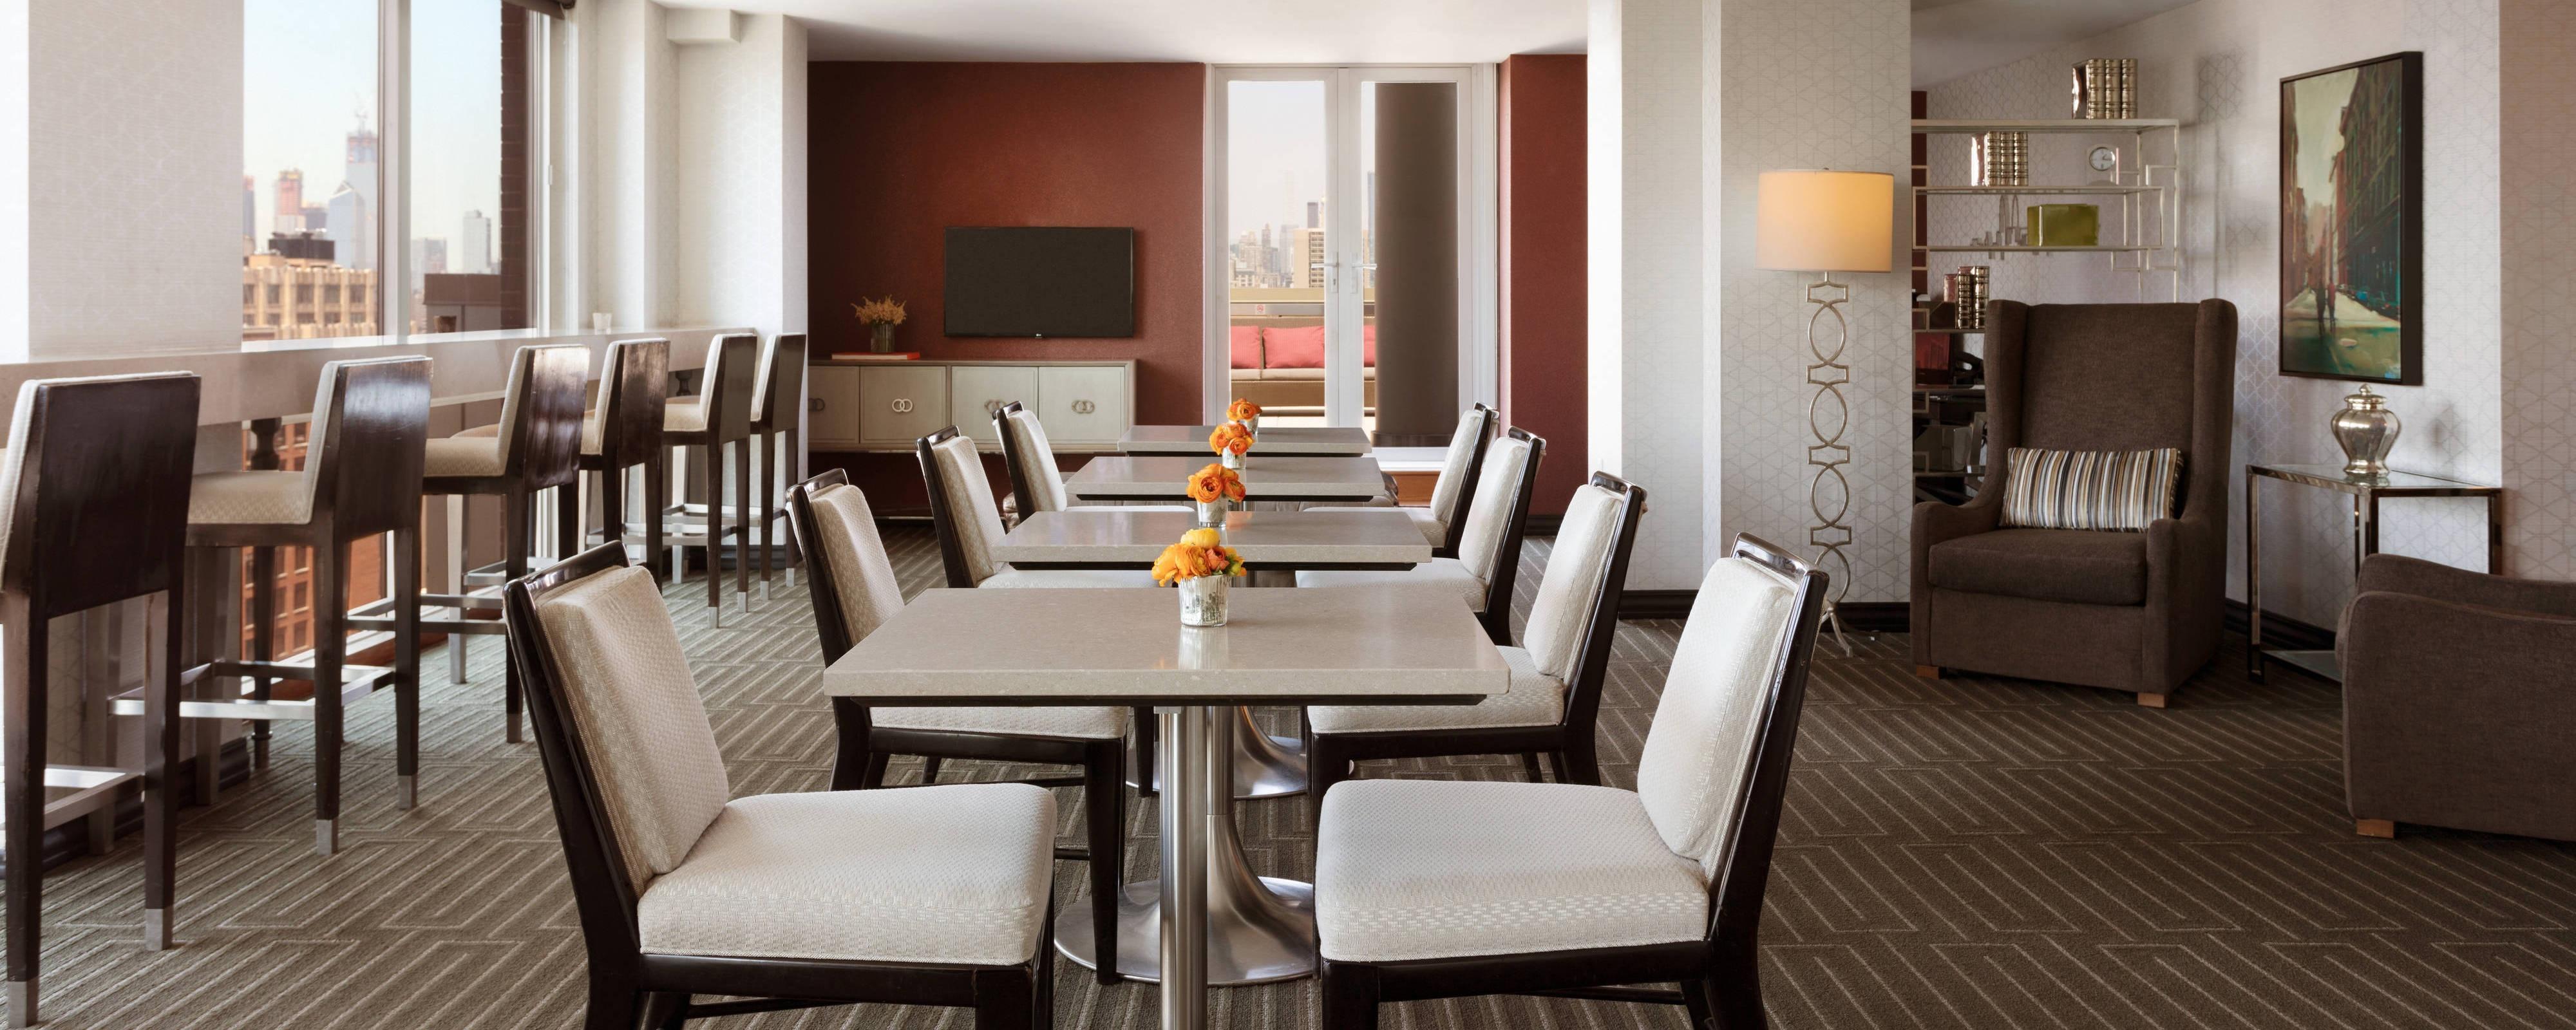 Concierge-Lounge